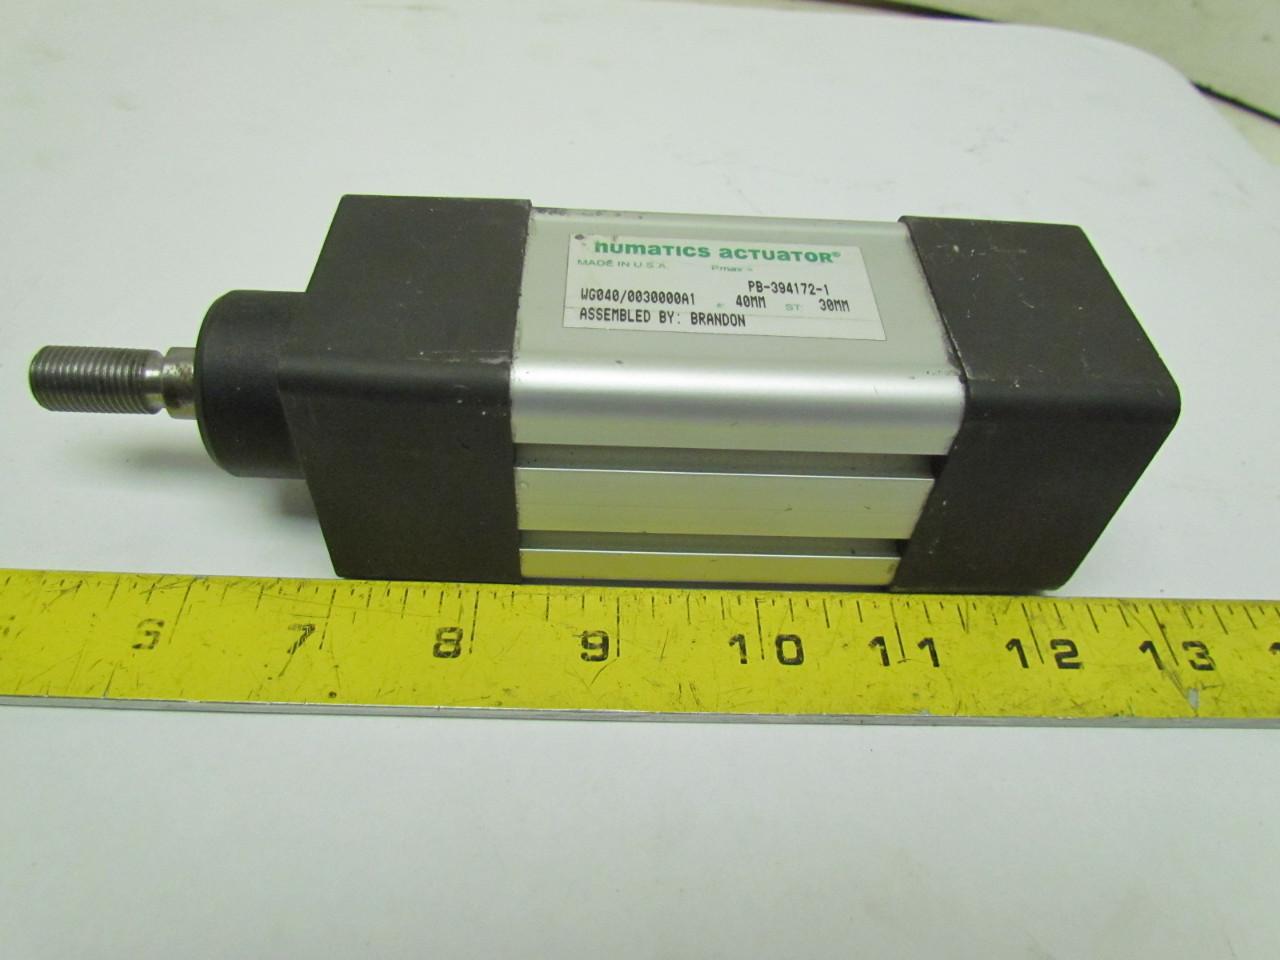 Numatics Actuator PB-394172-1 Pneumatic Air Cylinder 40mm ...